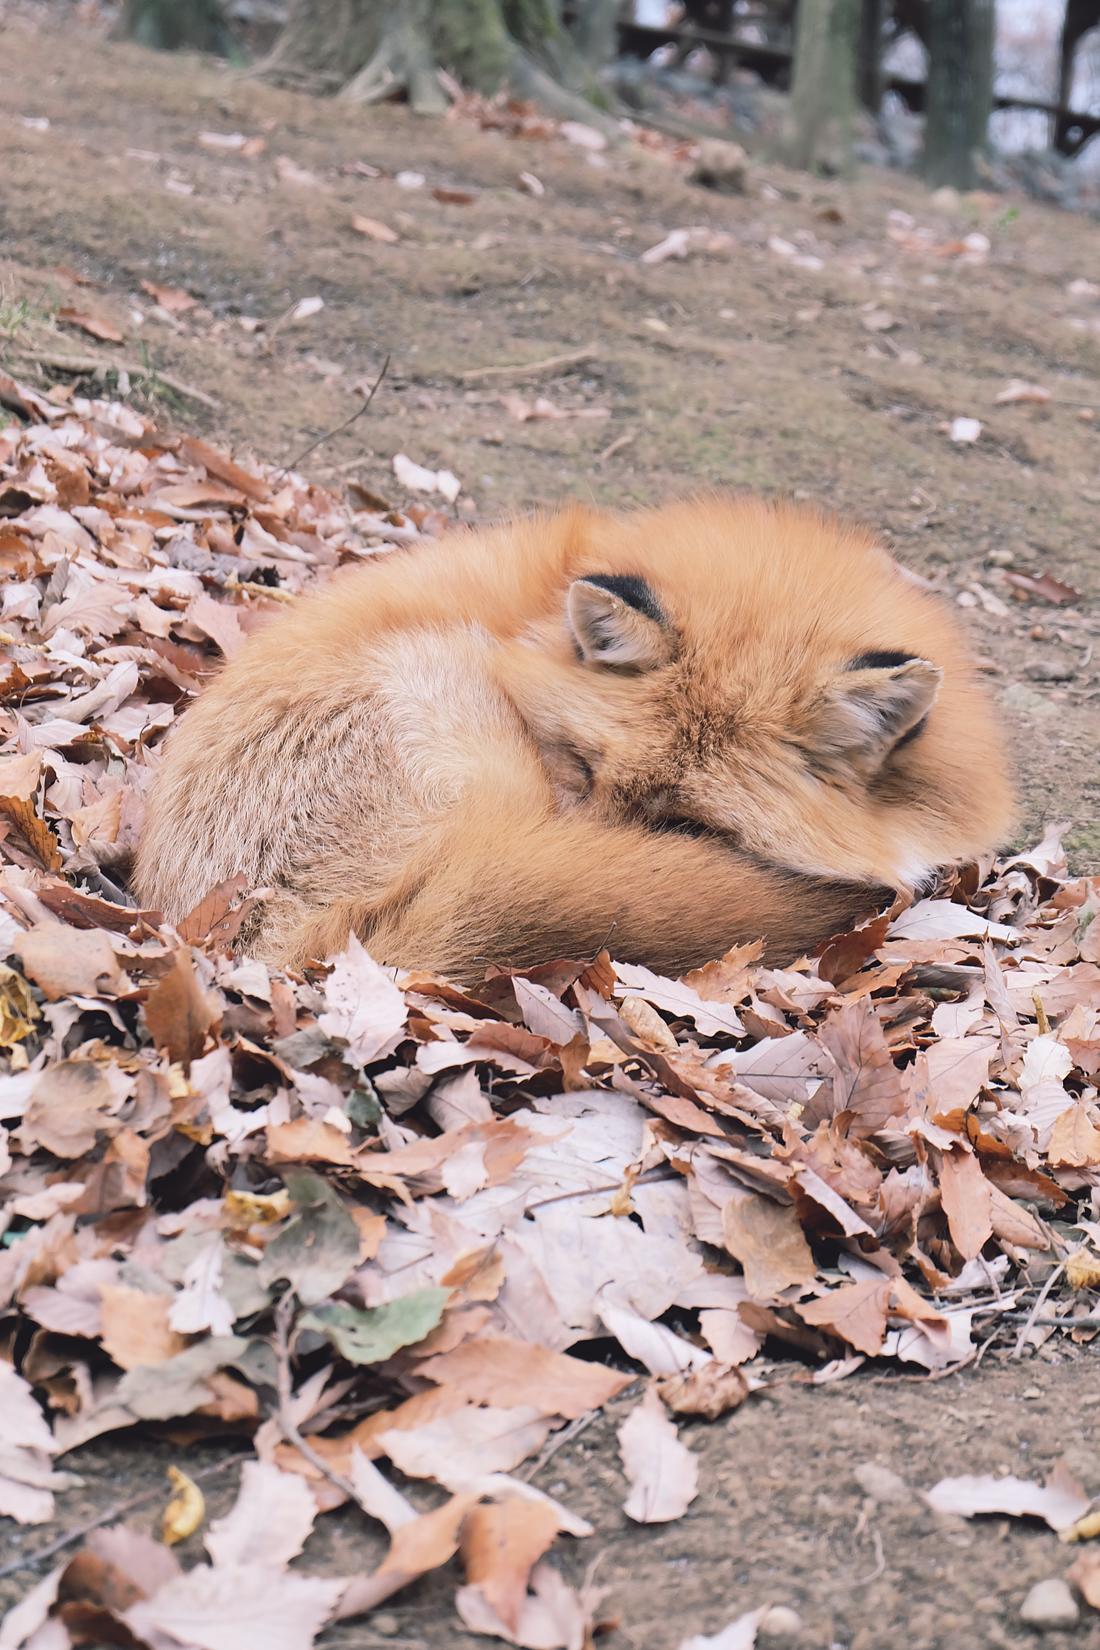 miyagi-zao-fox-village-rainbowholic-31